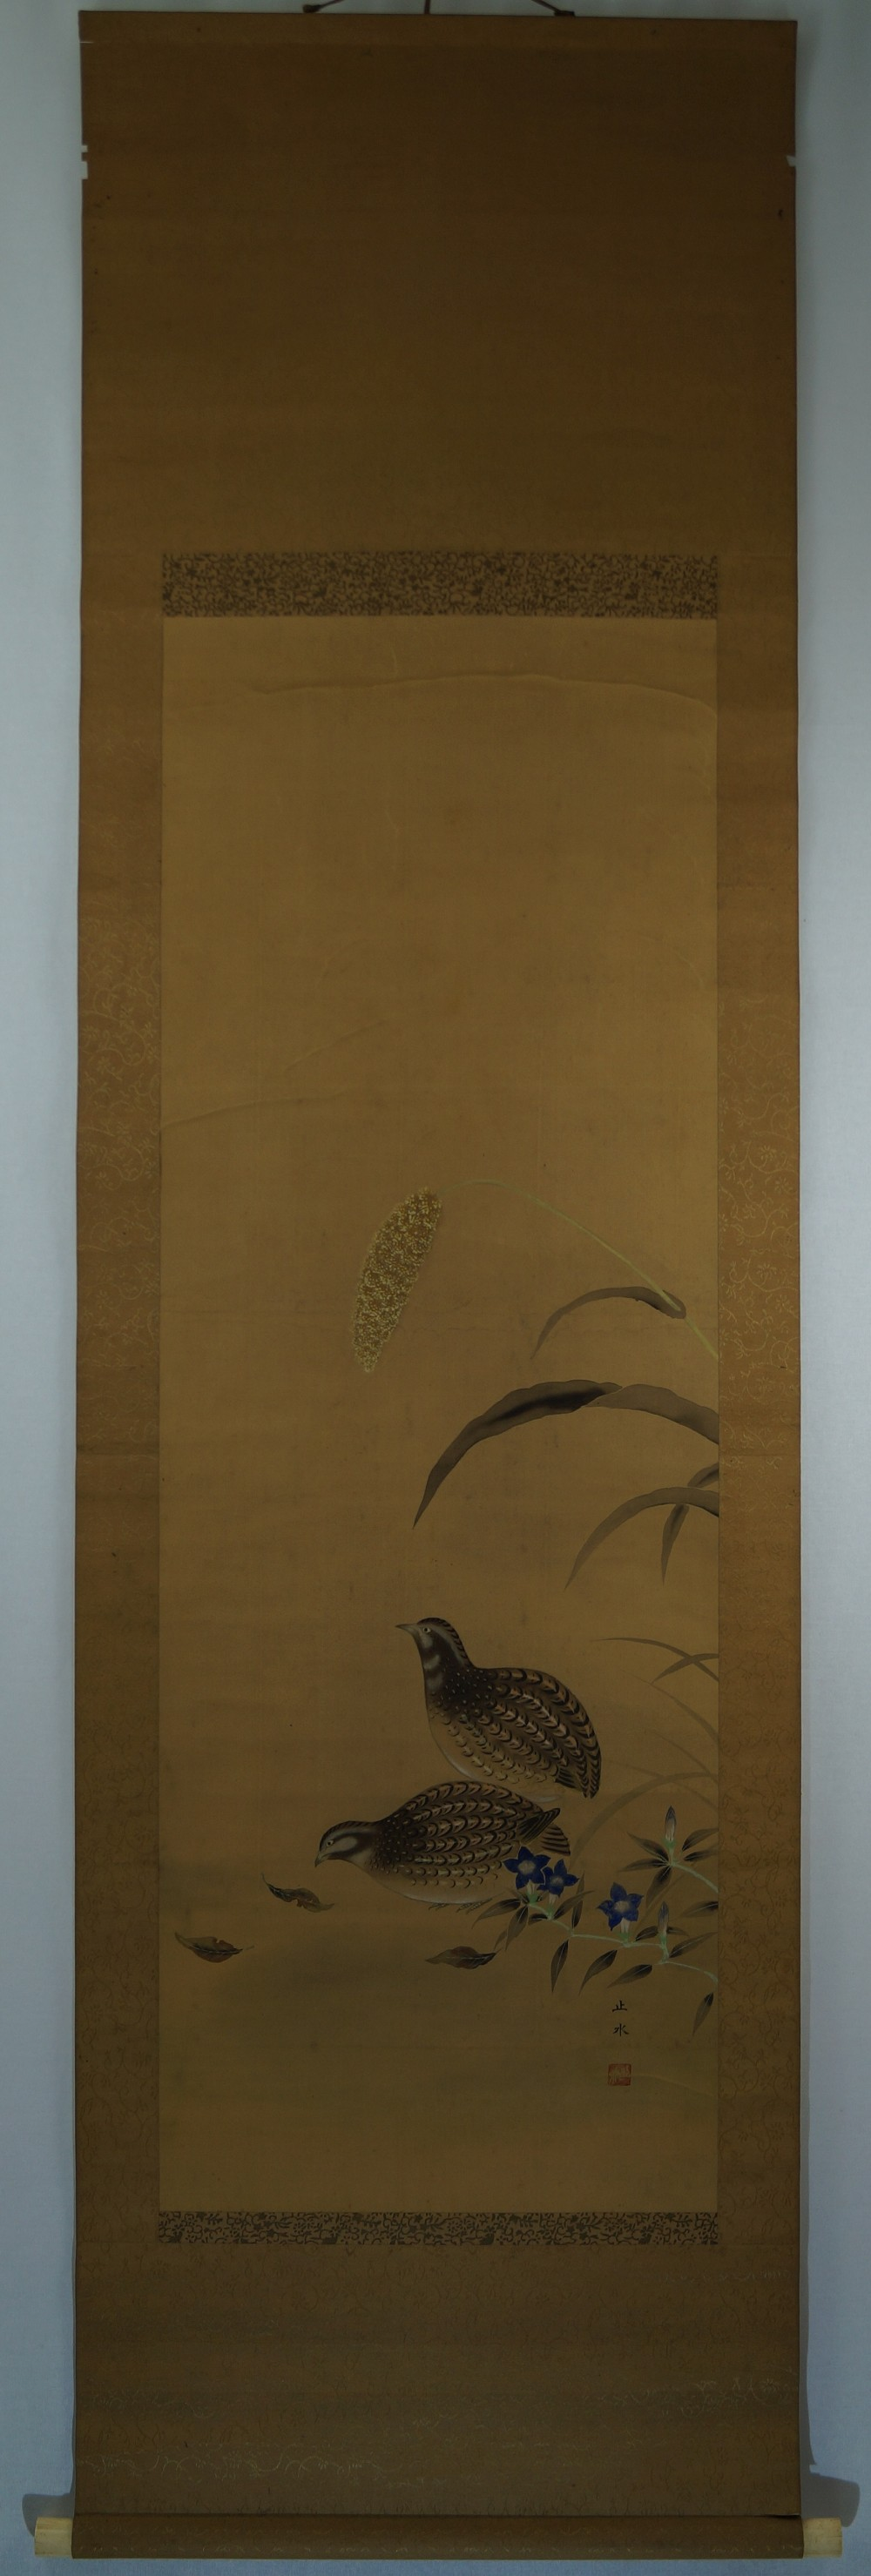 Wachteln - Japanisches Rollbild (Kakejiku, Kakemono)